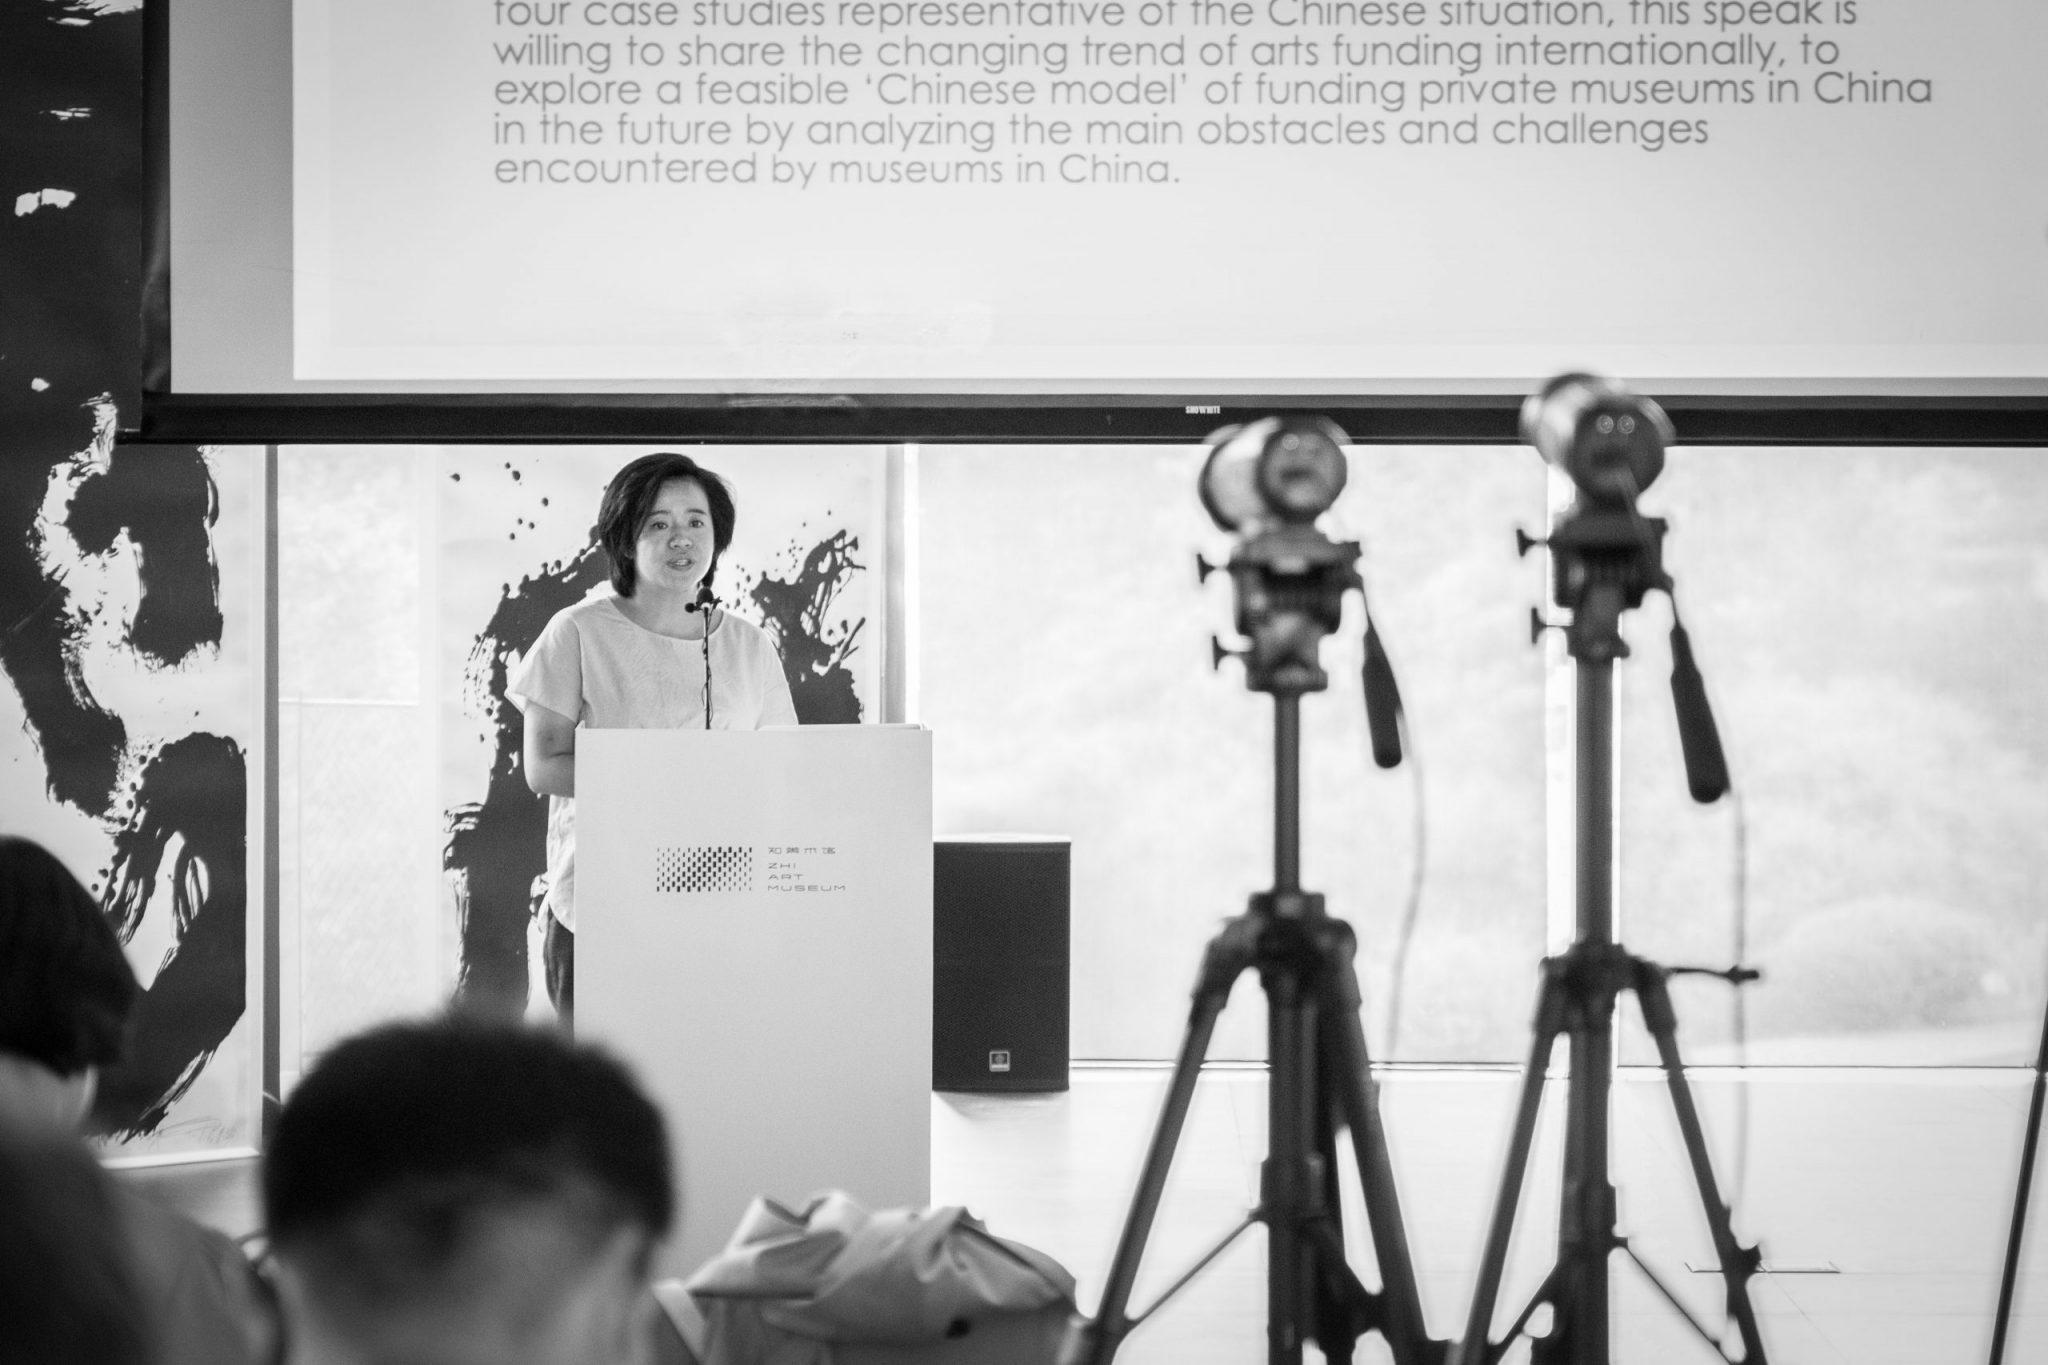 Ning Wen, 2019 Symposium, Zhi Art Museum